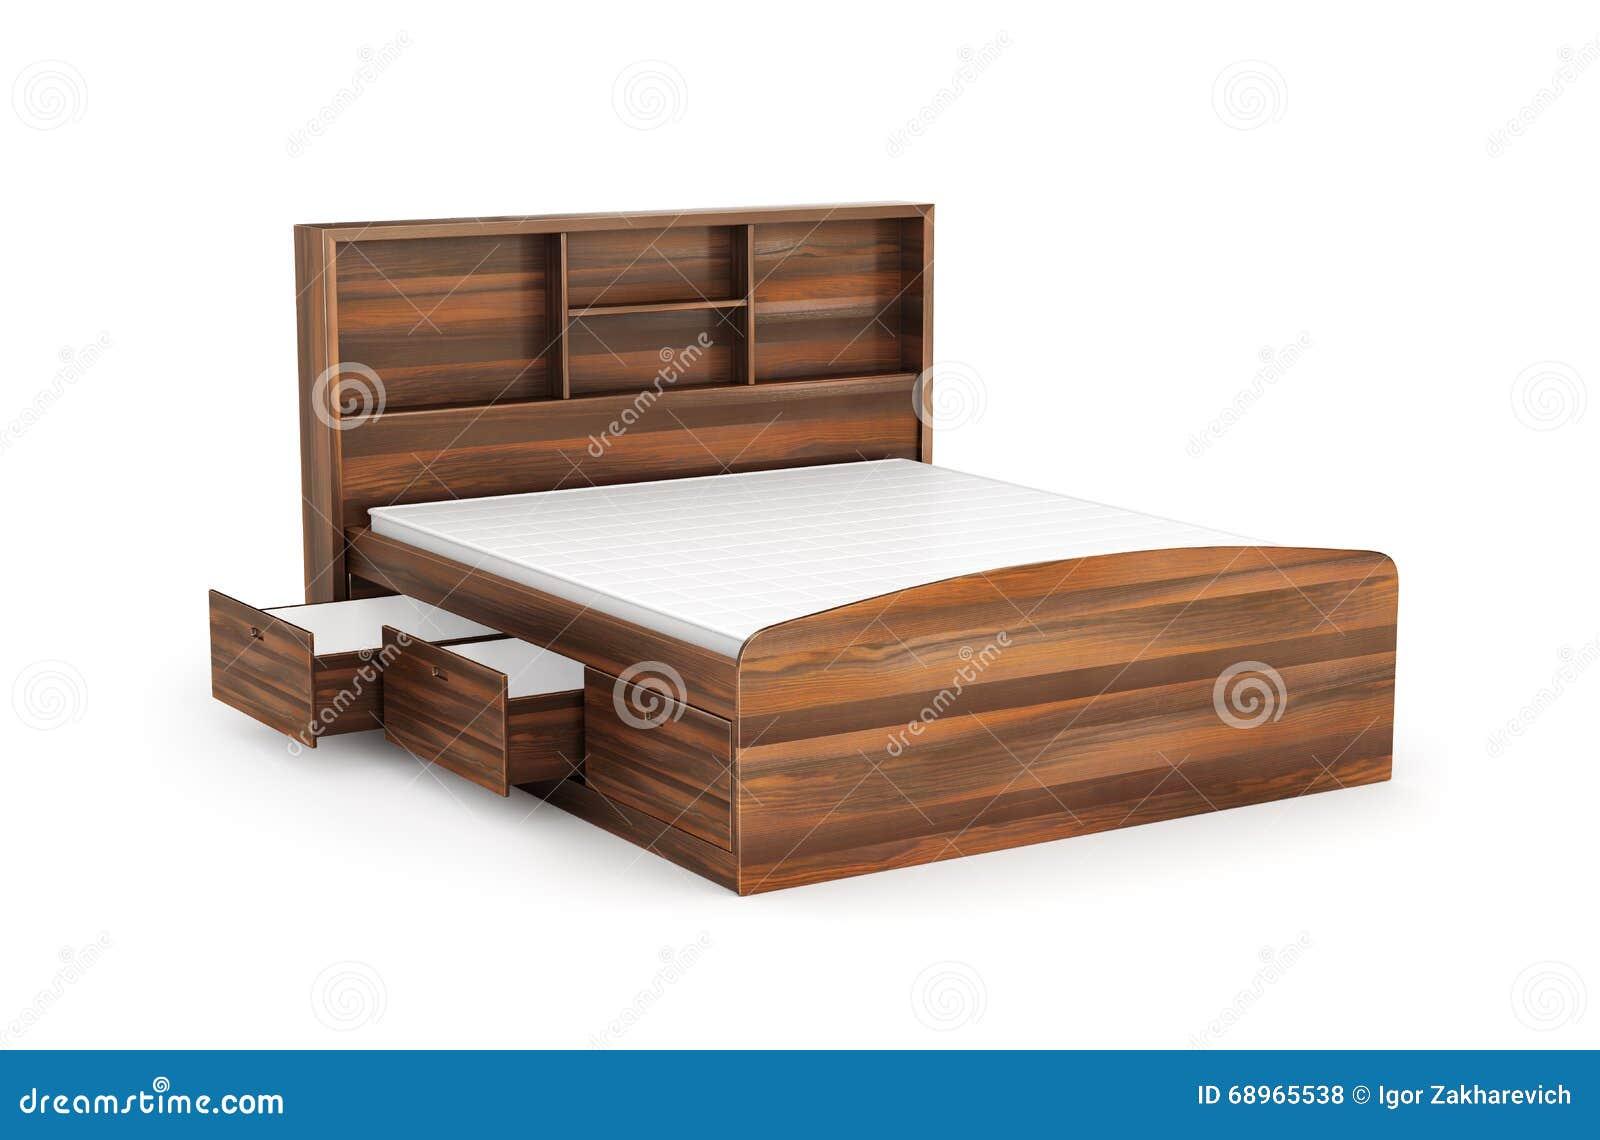 Cama matrimonial con el caj n de debajo stock de for Cama matrimonial con cama individual abajo